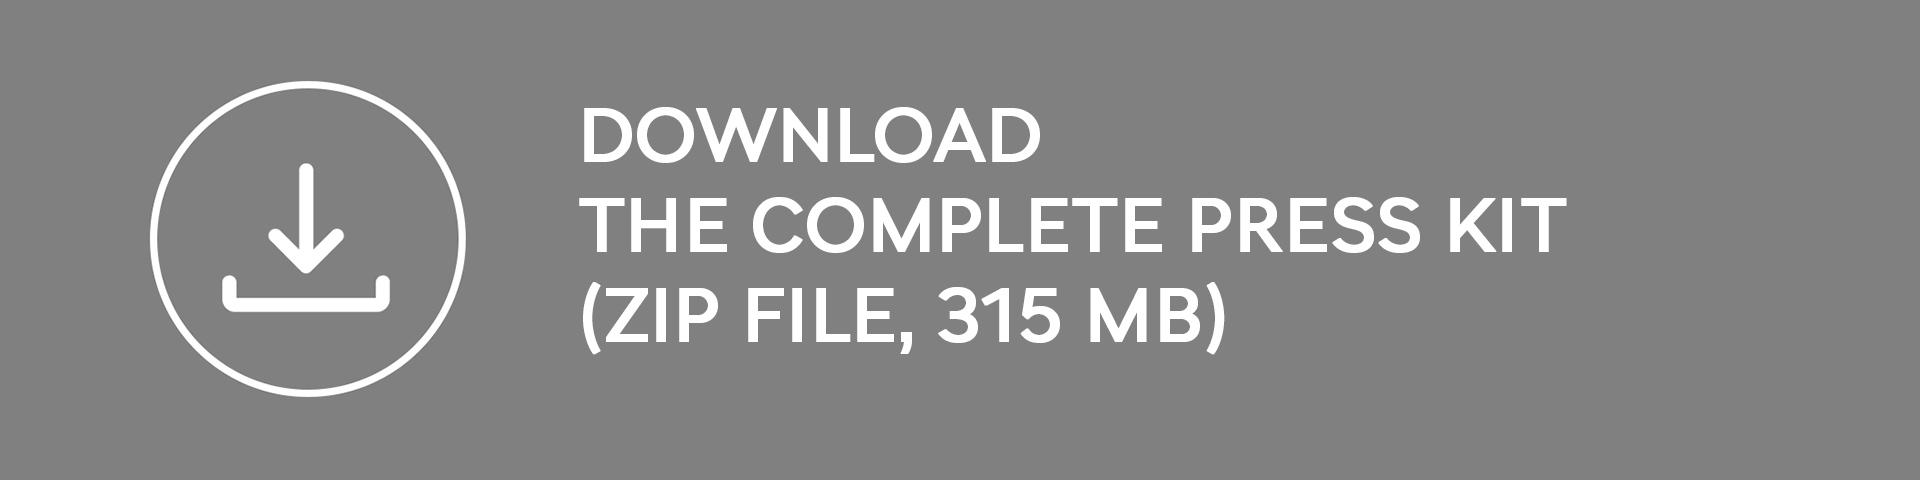 13_download-en-1